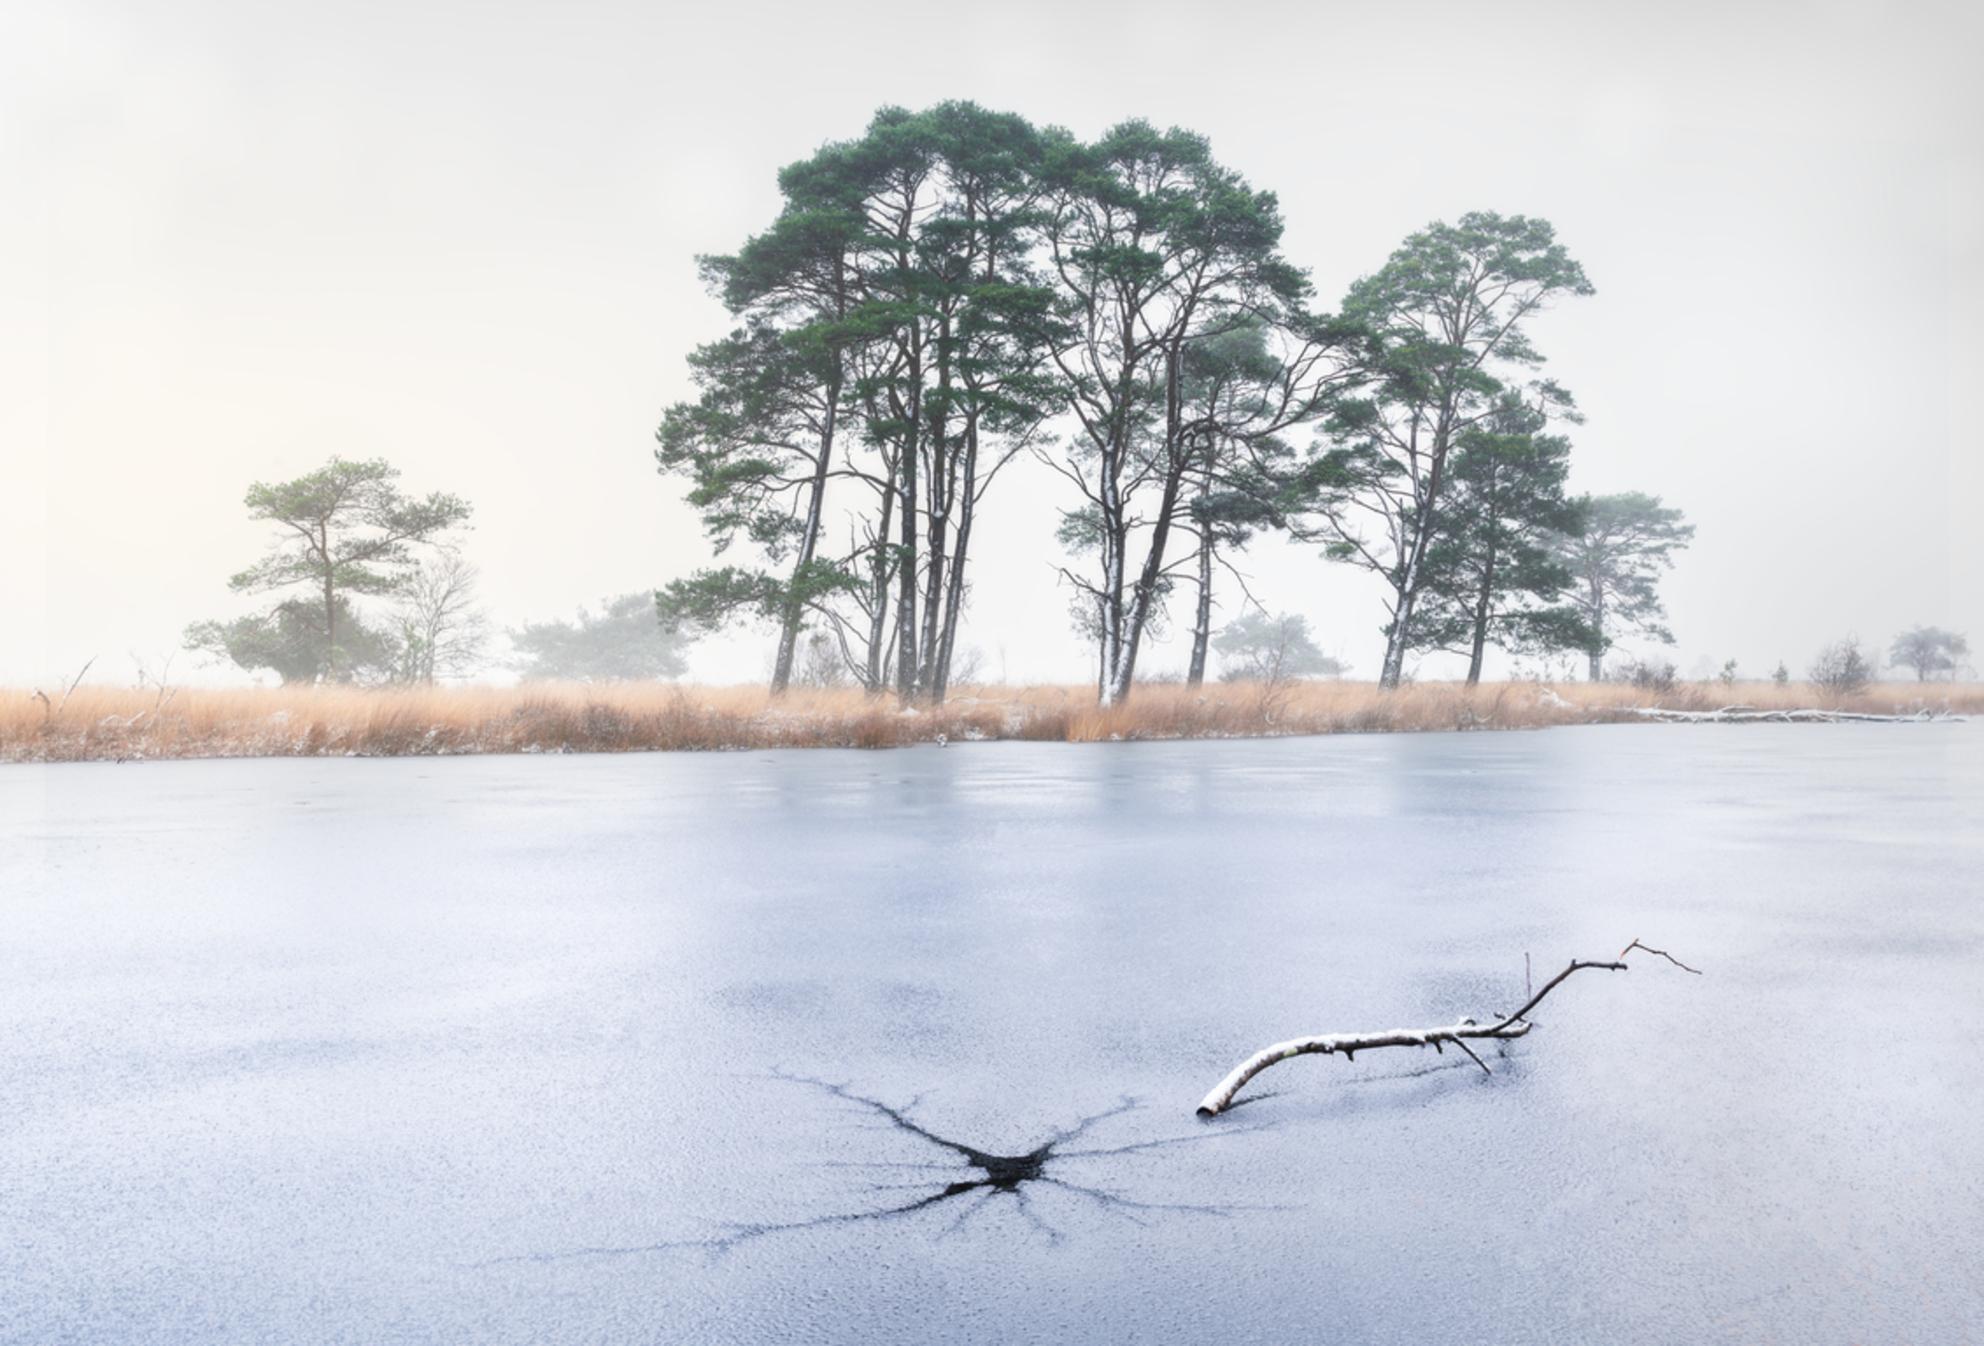 Ice crack with a view pano - - - foto door renevierhuis op 19-01-2021 - deze foto bevat: water, panorama, natuur, sneeuw, winter, ijs, spiegeling, landschap, mist, drenthe, bomen